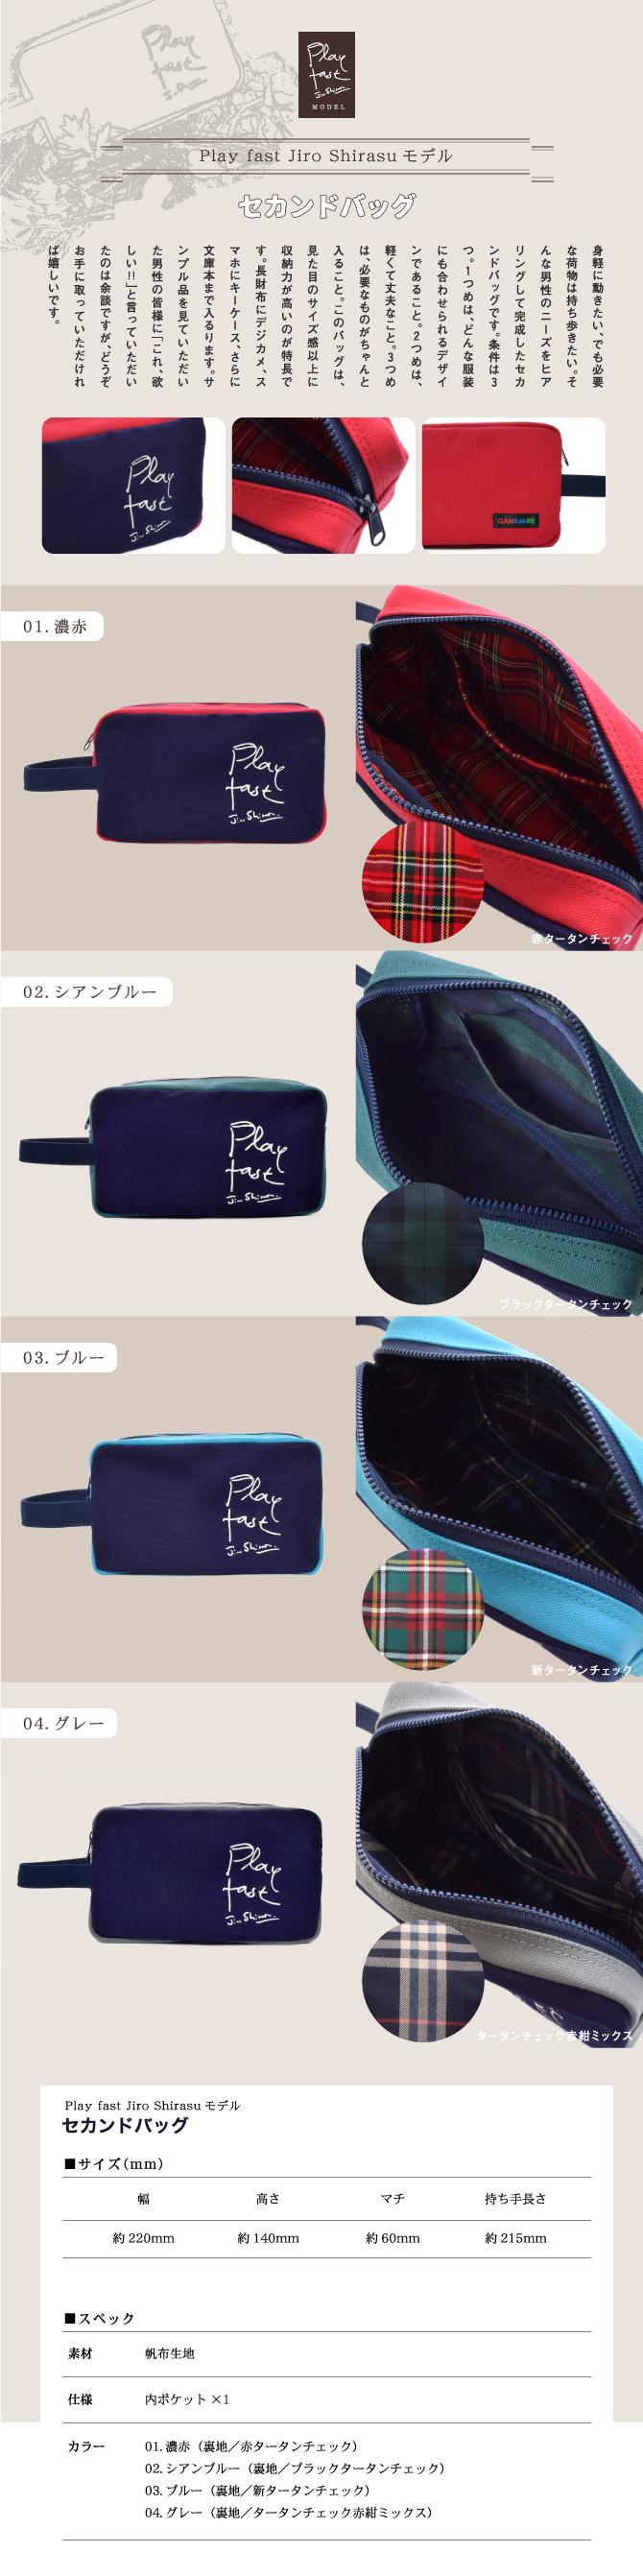 武相荘PFセカンドバッグ